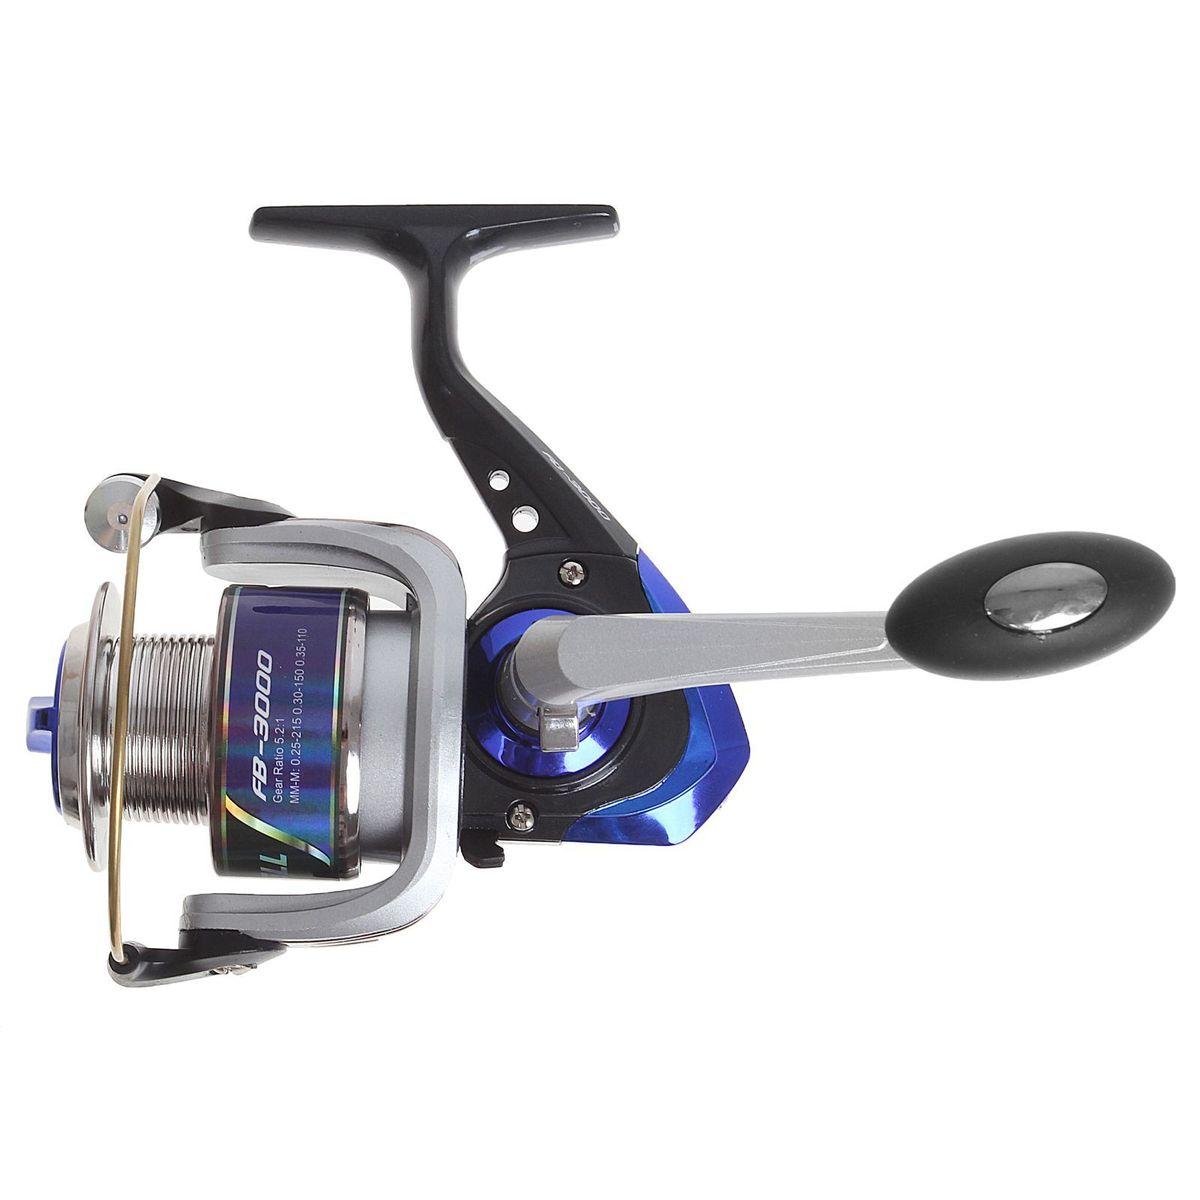 Катушка безынерционная Onlitop 1BB FB 3000, цвет: синий, 1 подшипникRivaCase 8460 aquamarineКатушка 1BB FB 3000 это универсальная модель «эконом»-класса для разных условий рыбалки, отличный выбор для начинающих рыболовов.